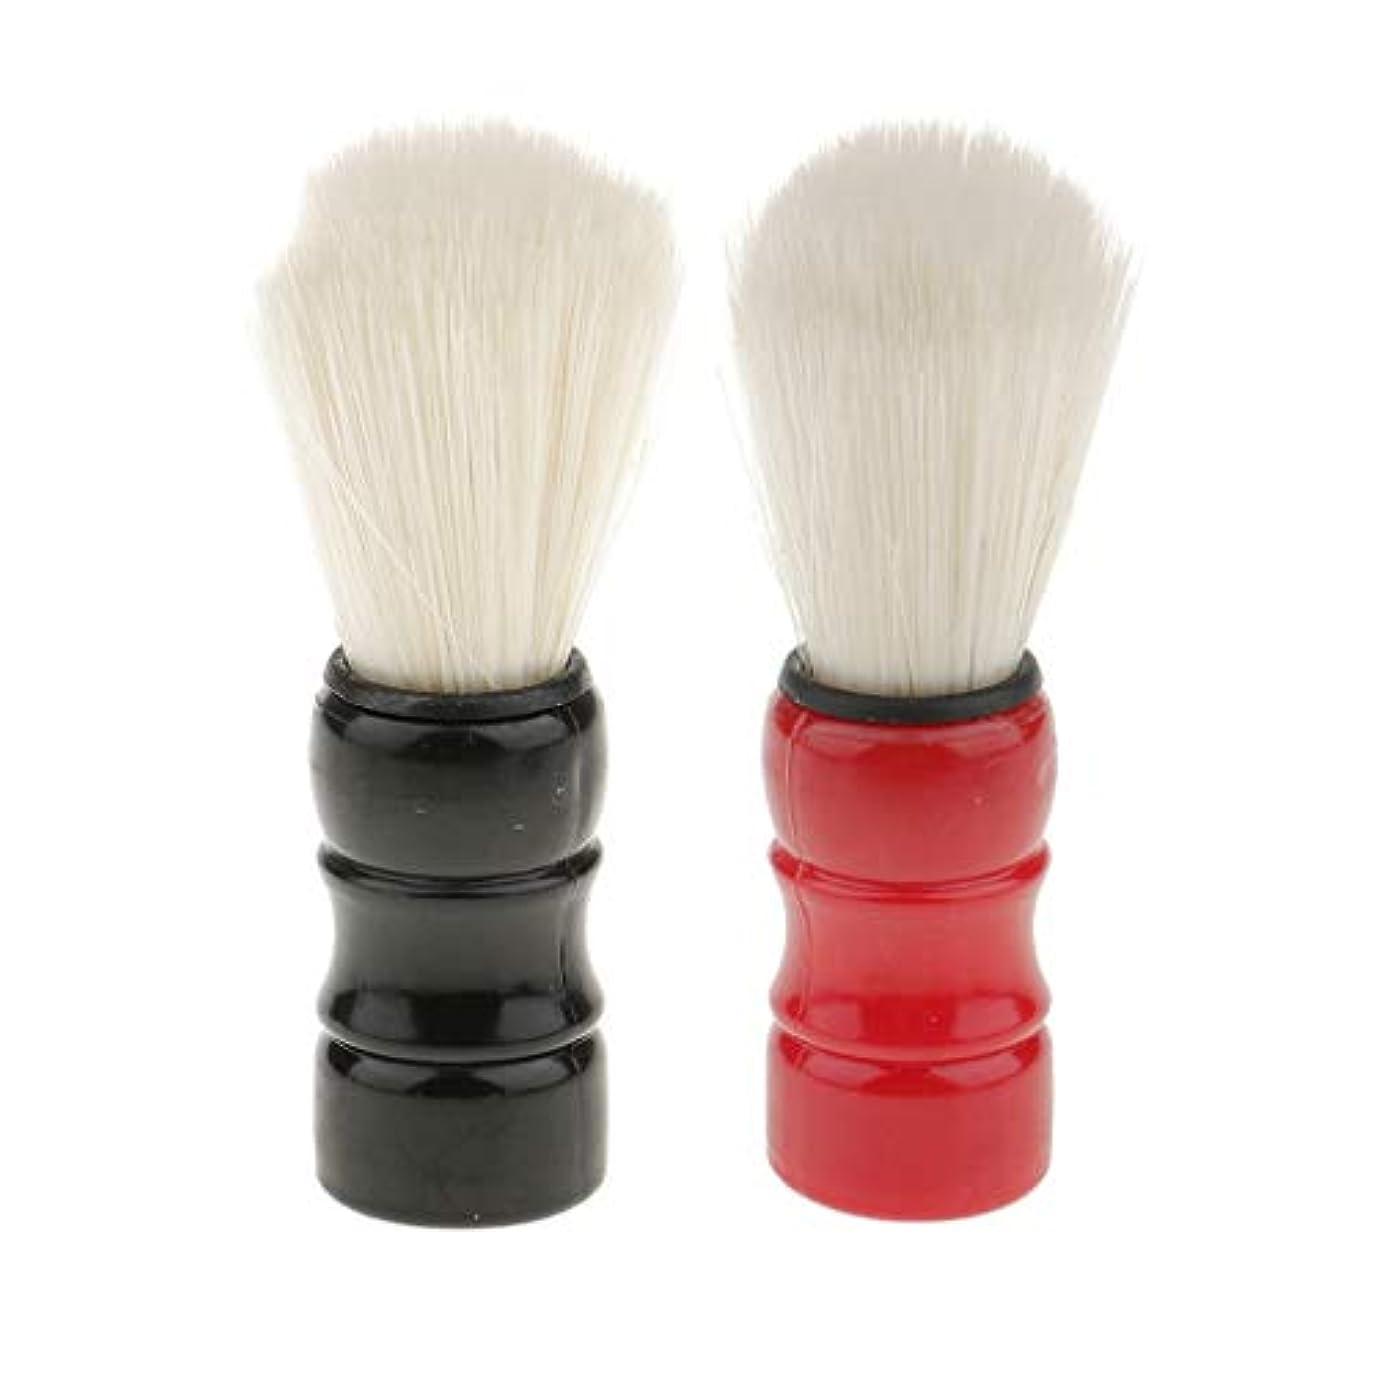 下向き愛情深い前述のchiwanji シェービングブラシ 髭剃りブラシ ひげブラシ 理容ブラシ 洗顔ブラシ 髭剃り 泡立ち 洗顔